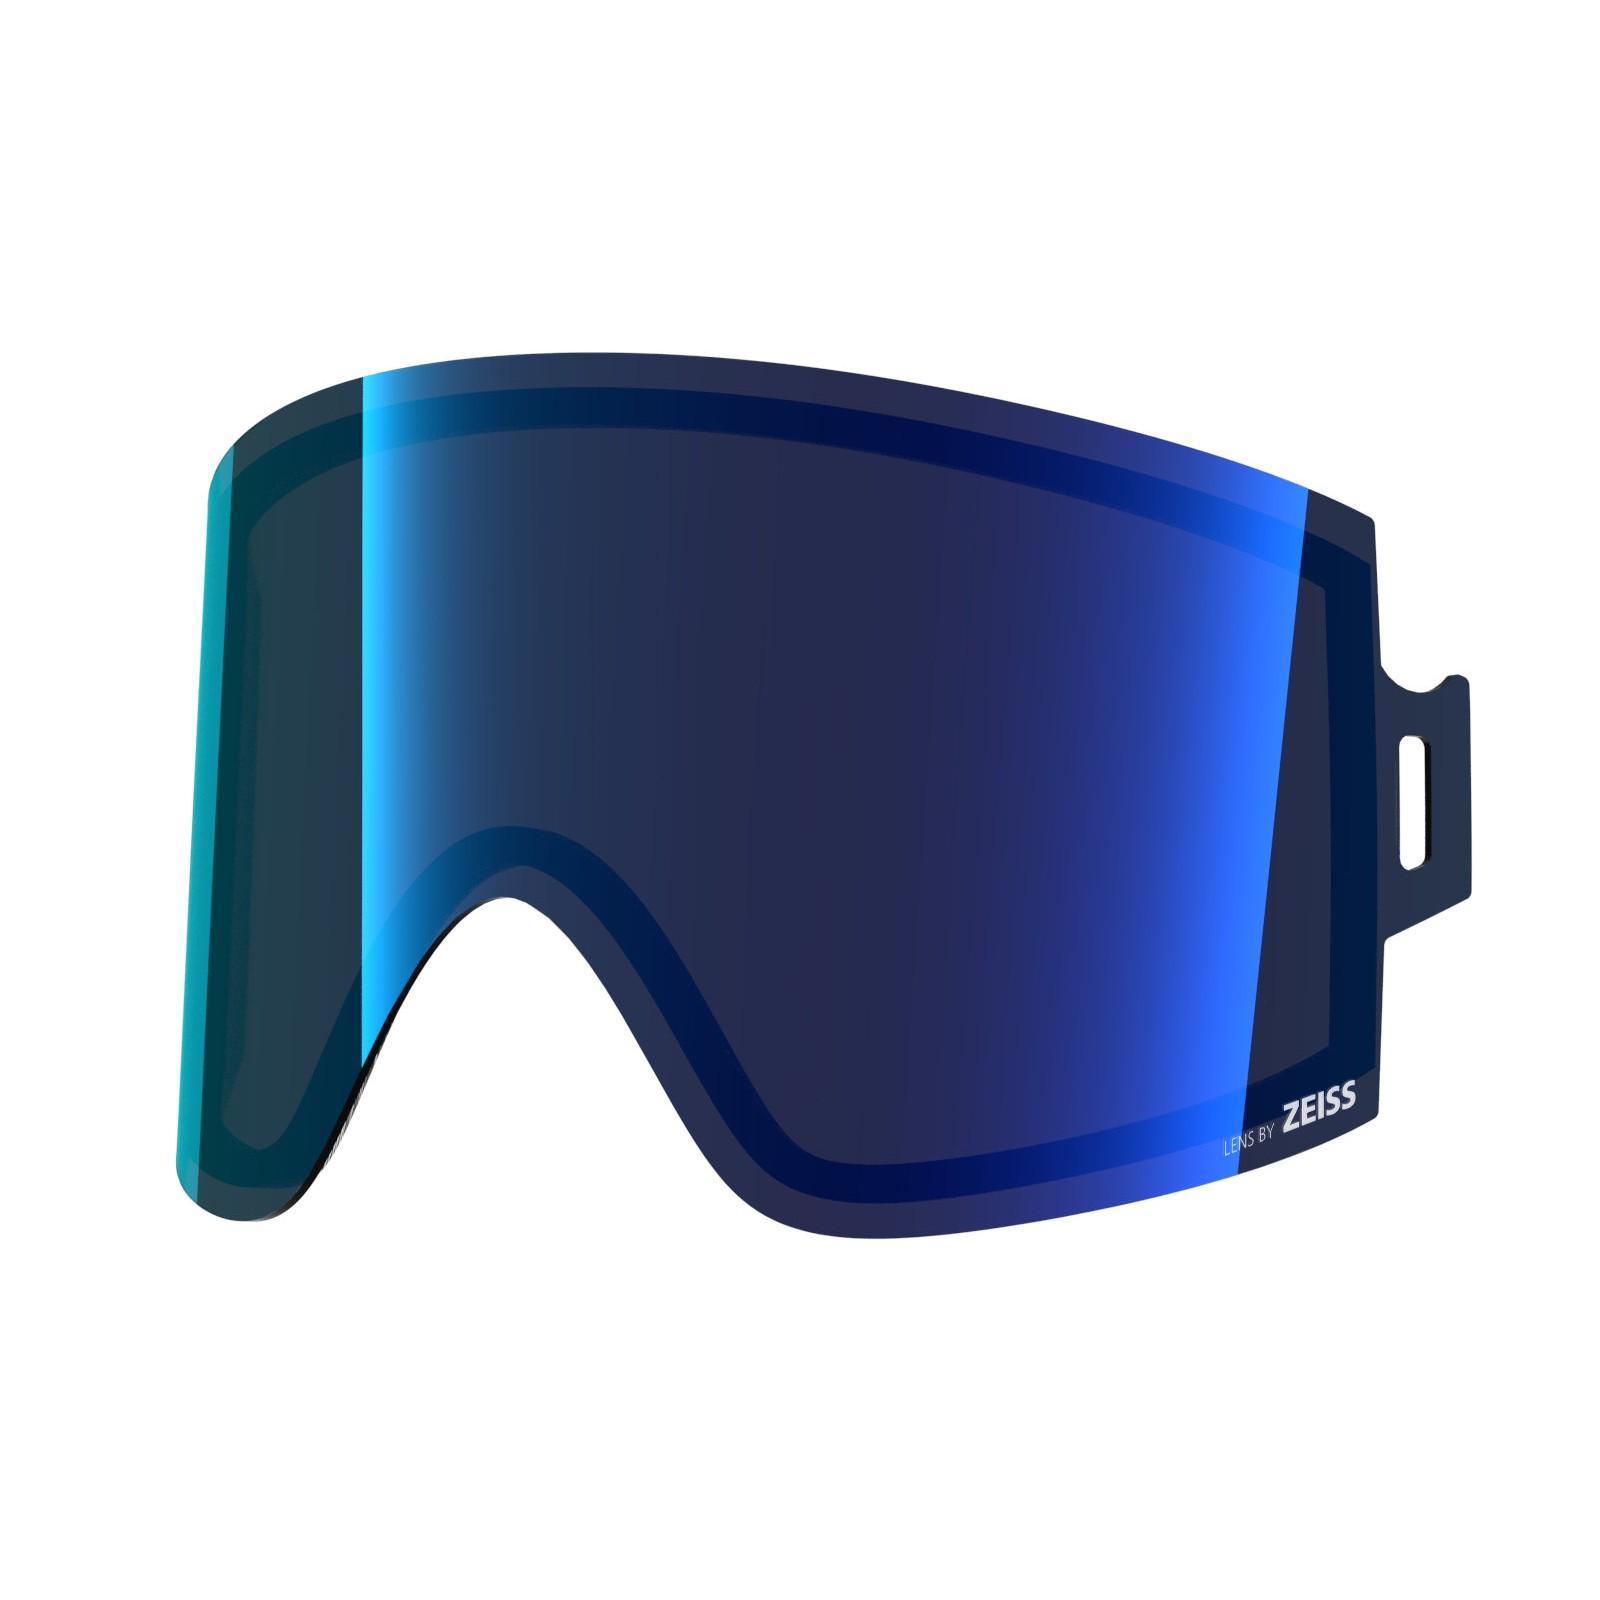 BLUE MCI lens for  Katana goggle